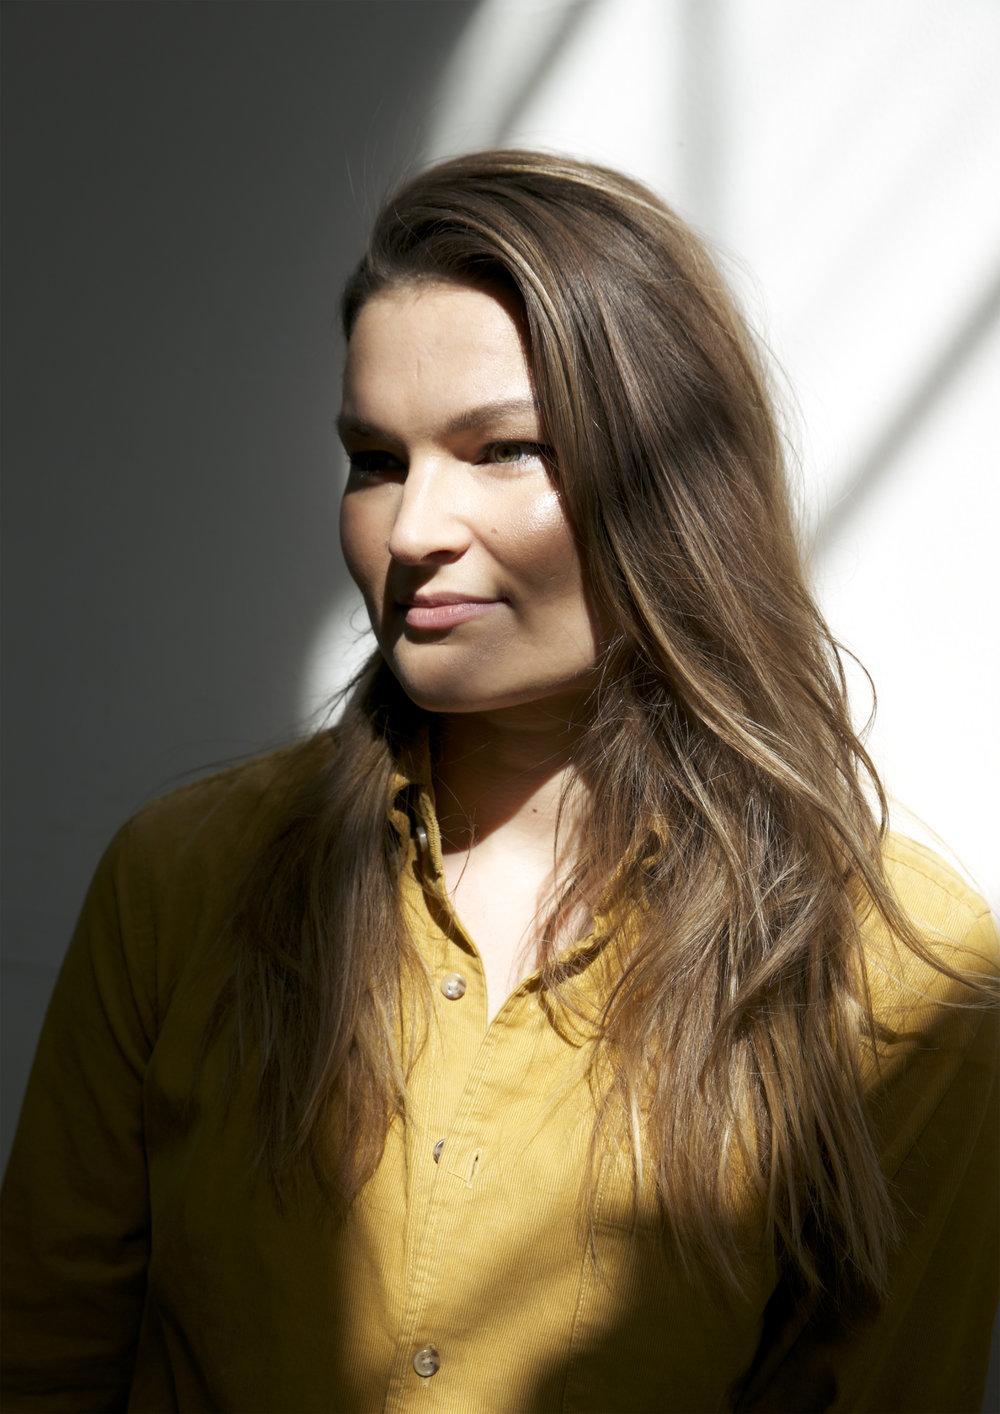 Daniéla Vainion kuvan on ottanut Megan Vaughan.